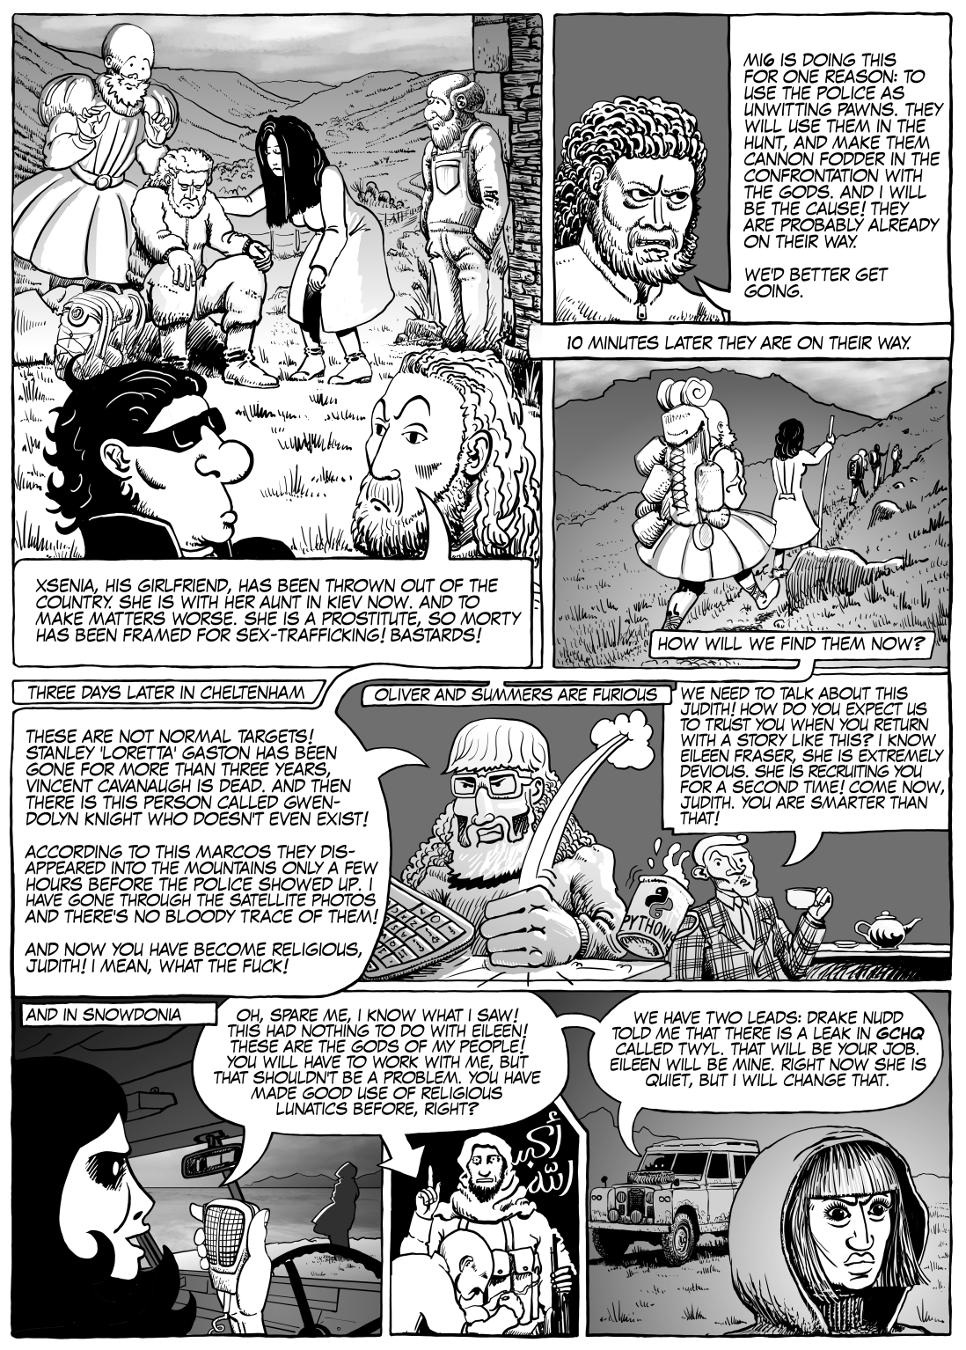 051-Religious Lunatics